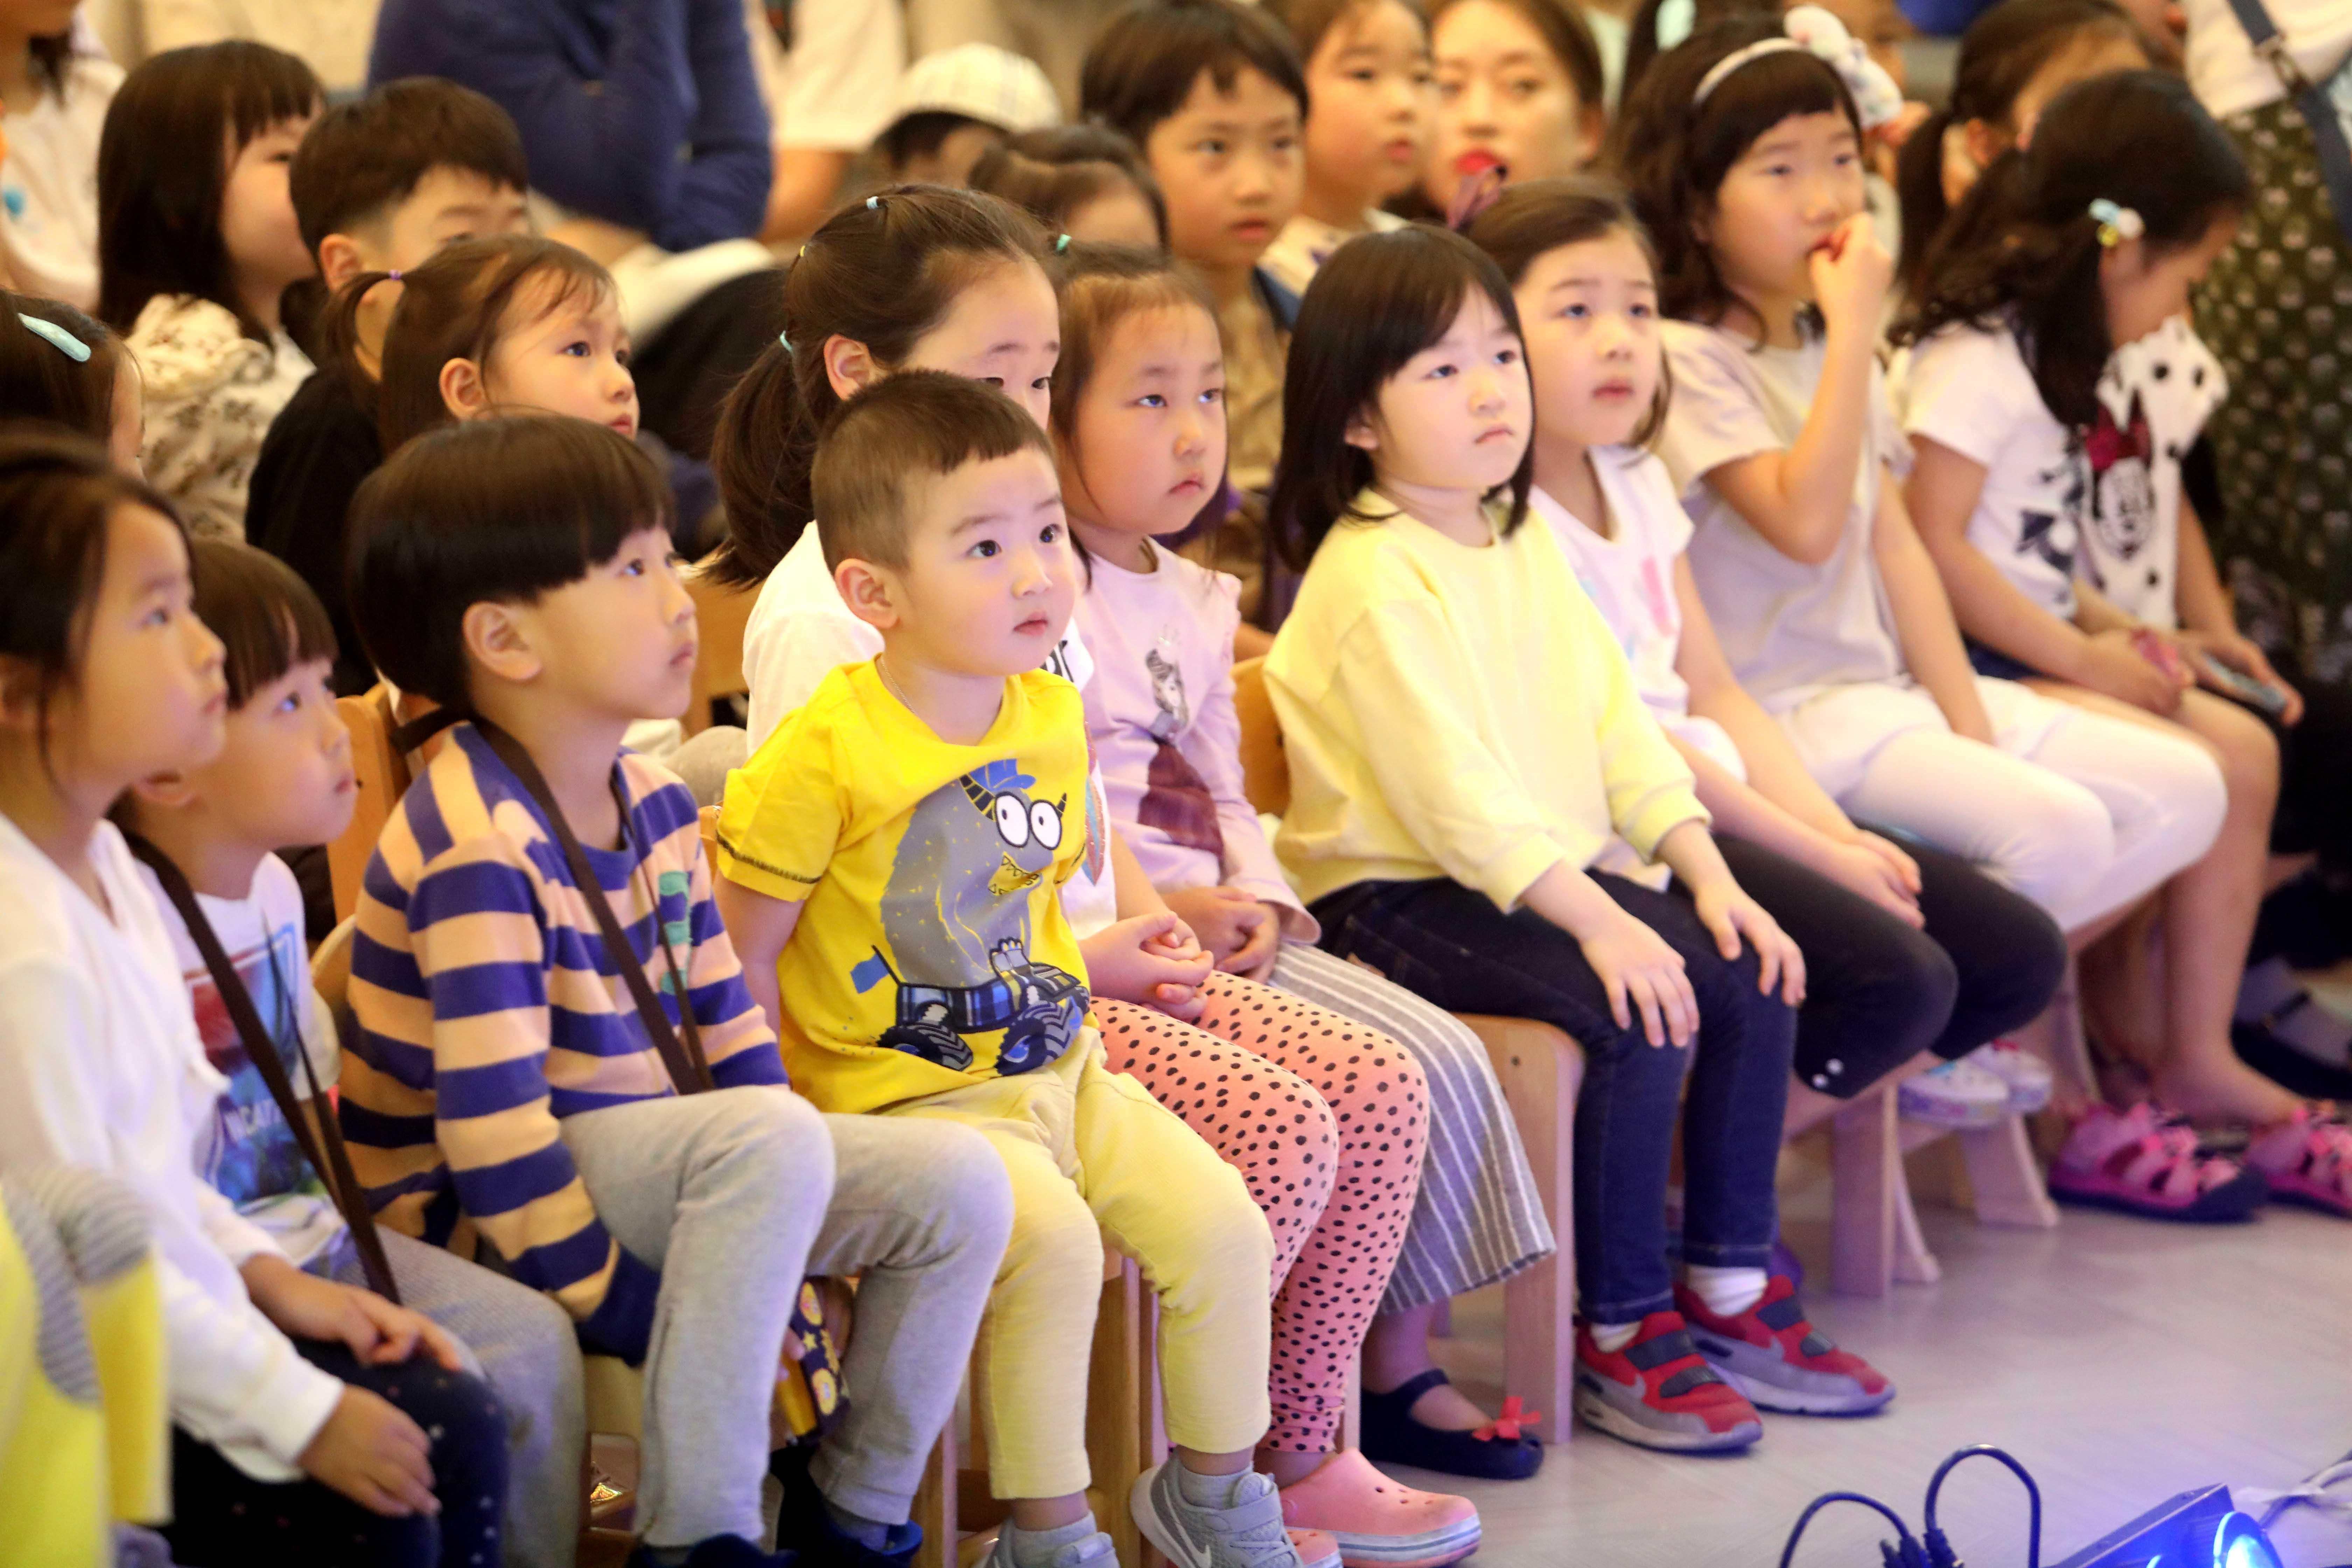 5월 가정의 달을 맞아 기획된 '뮤지컬 오즈의 마법사'를 관람하기 위한 어린이들로 구청 로비가 가득 메워졌다.